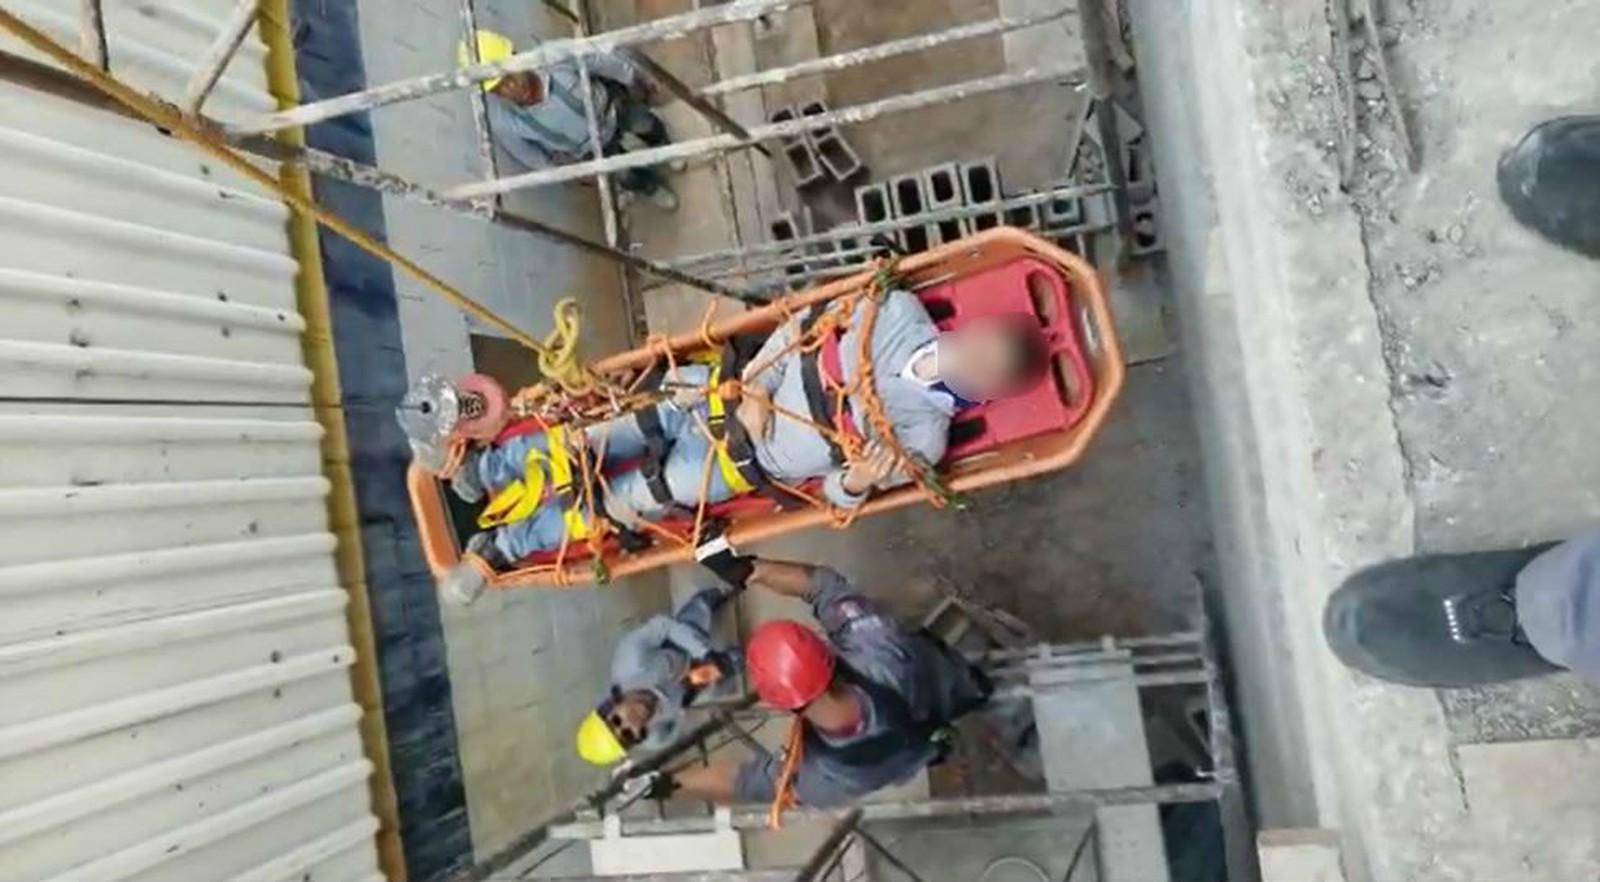 Bombeiros usaram um rapel para descer a maca com o trabalhador, que se acidentou em um pavimento a uma altura de quatro metros — Foto: Corpo de Bombeiros/Divulgação